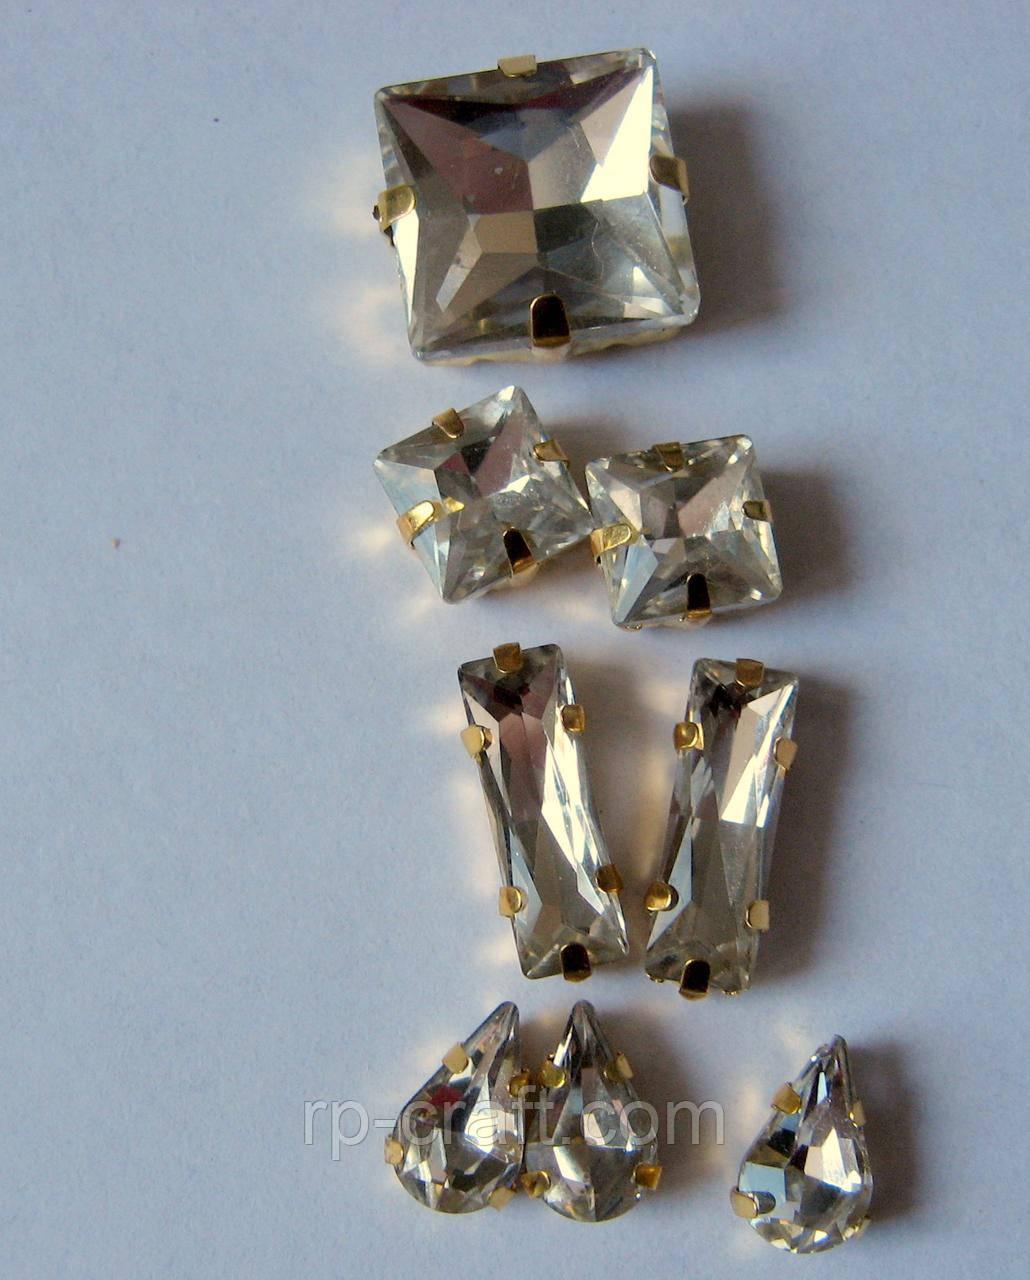 Упаковка стеклянных пришивных стразов в металлической закрепке, от 5х6х10мм, 8 штук